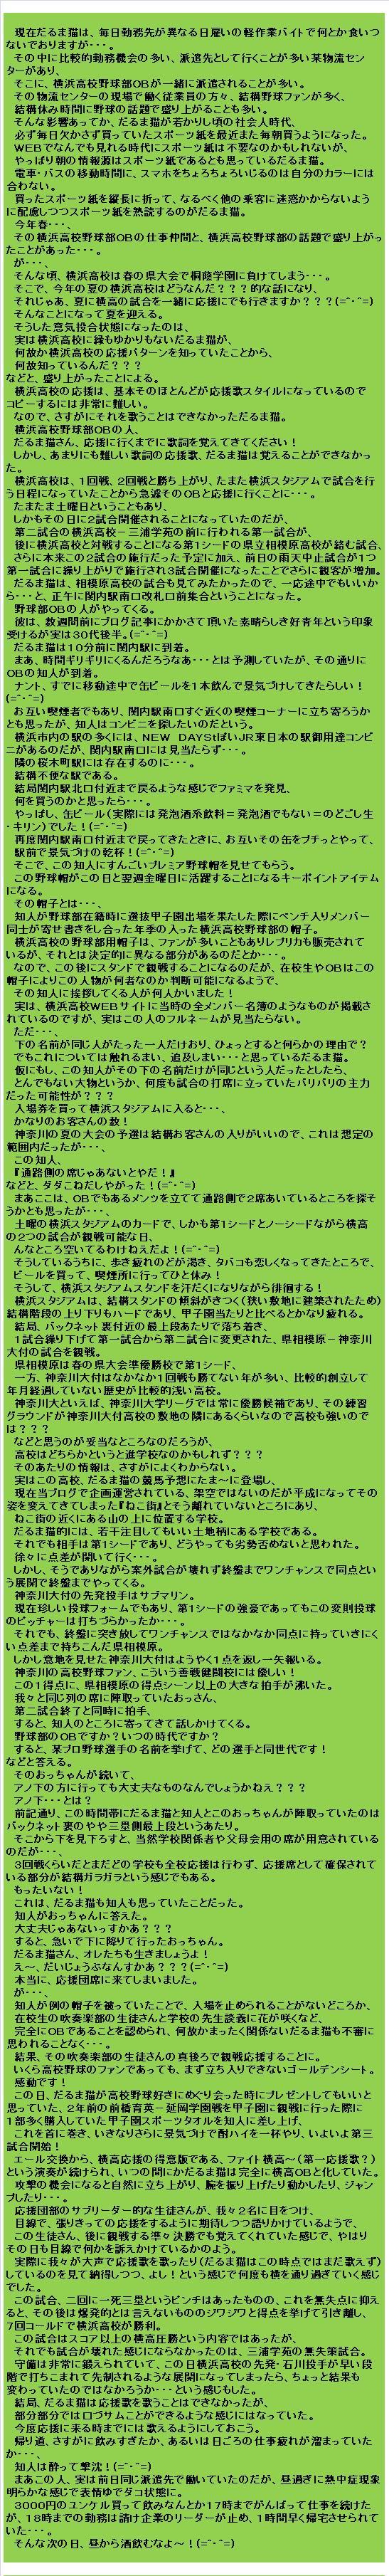 20150727・ブログ記事②.jpg